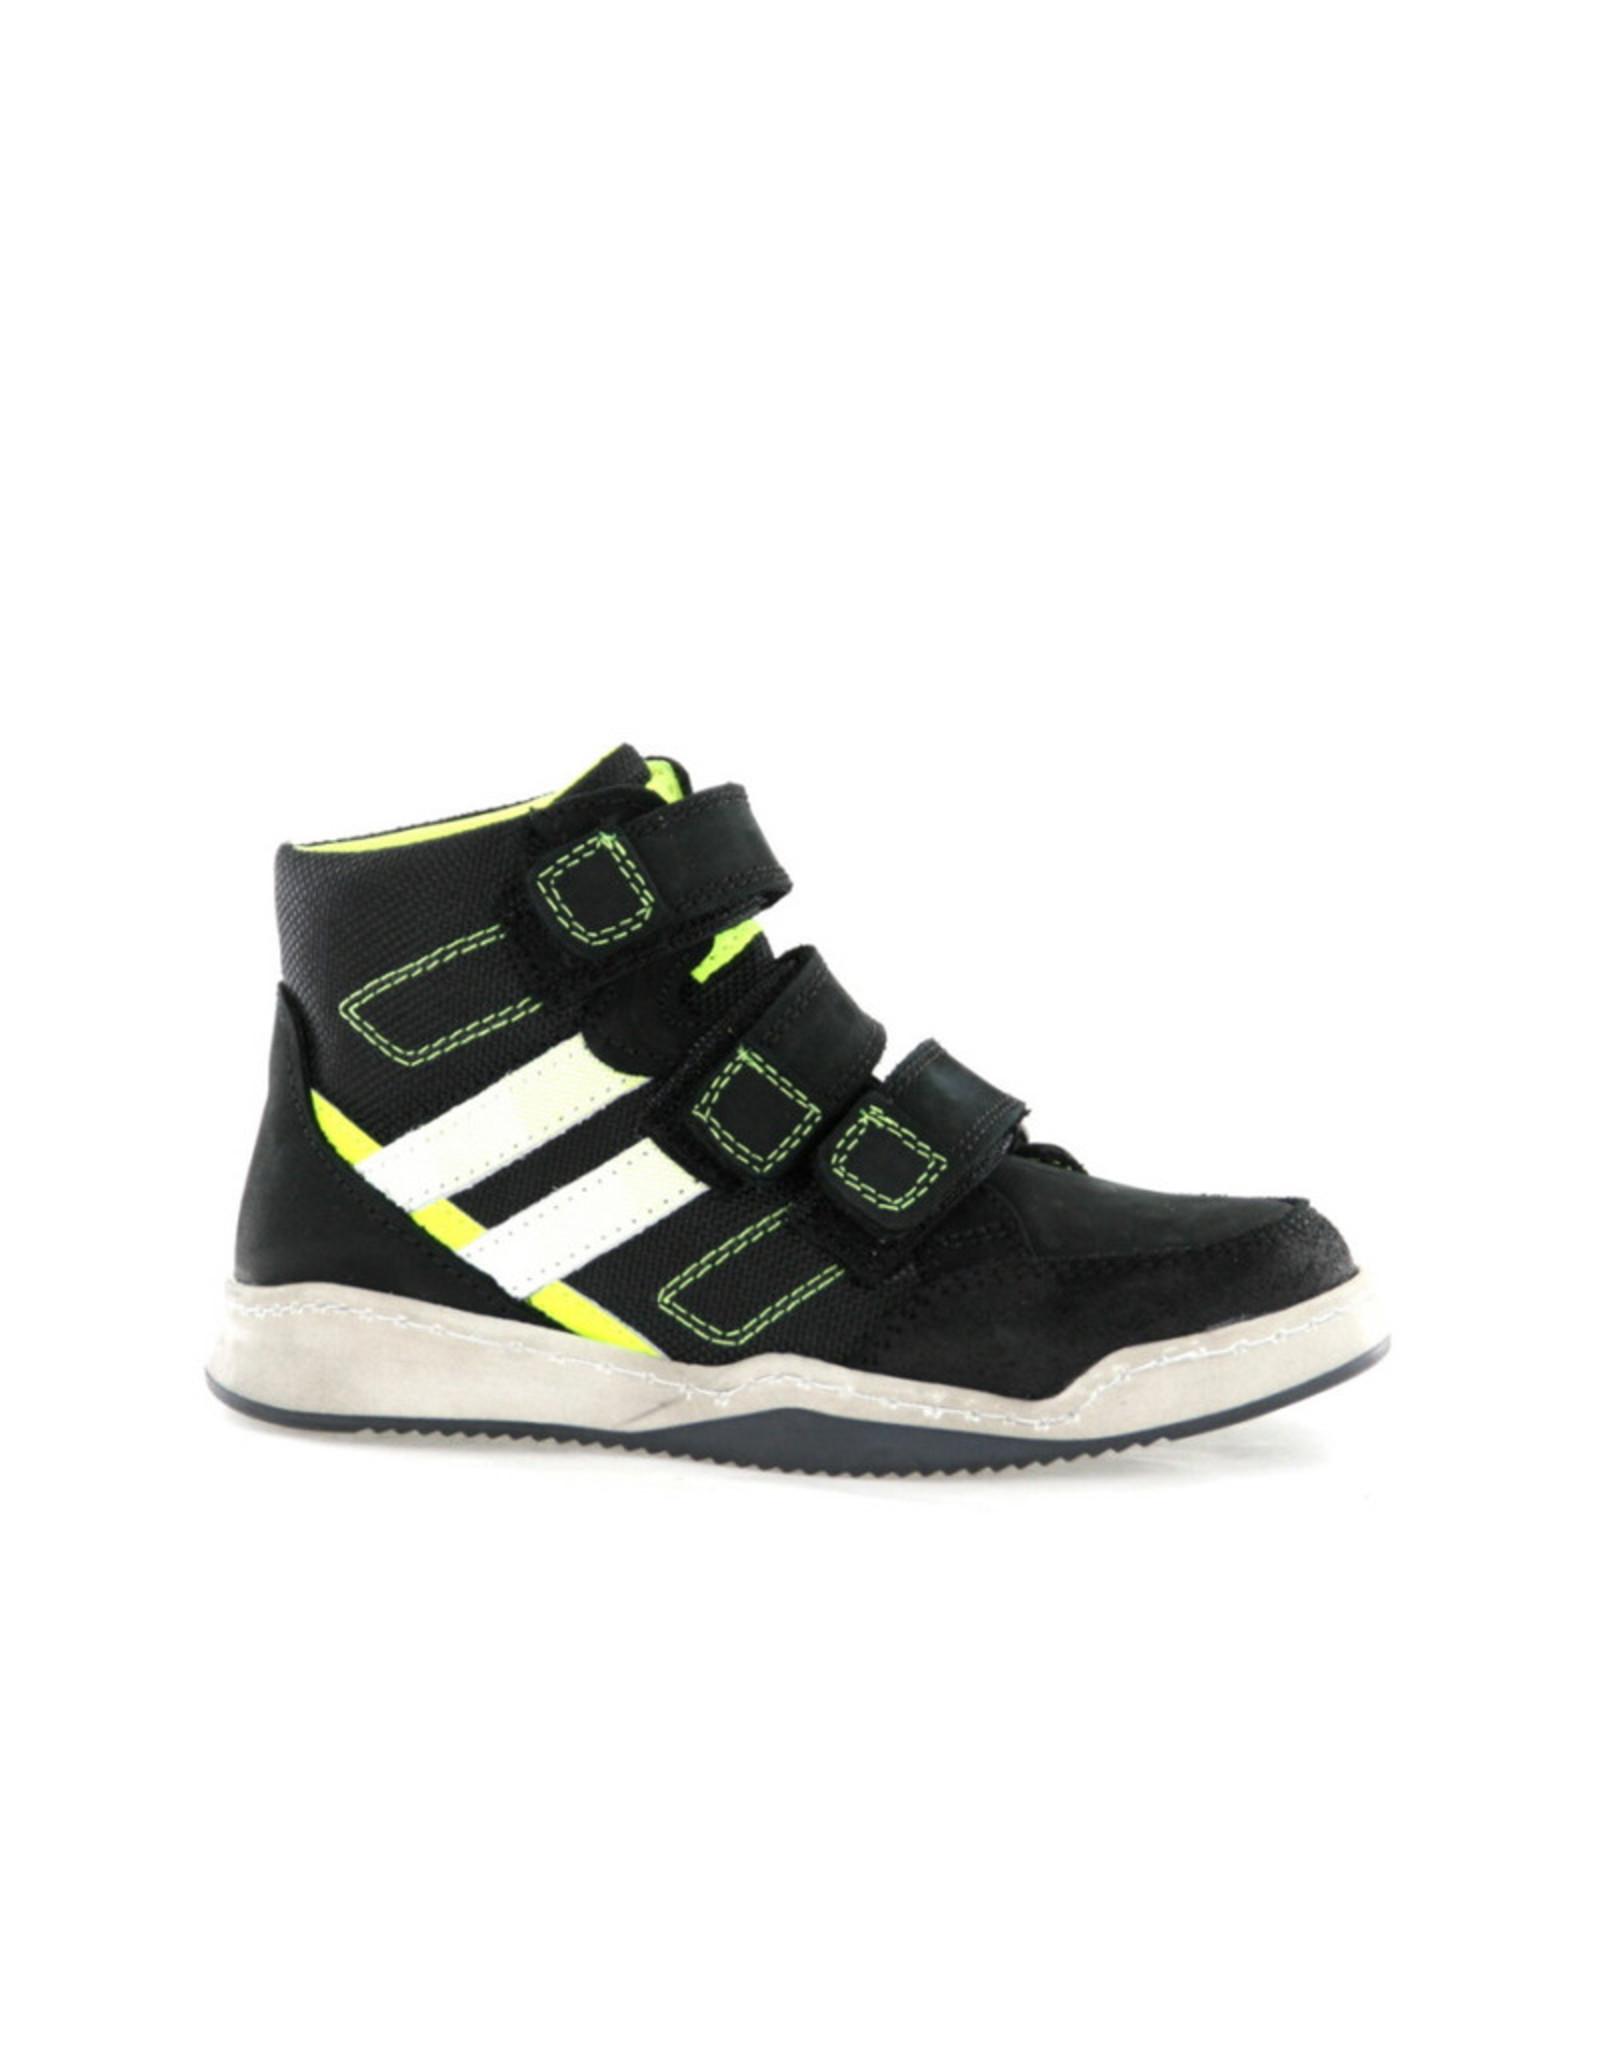 Track - Style Track - Style Hoge Klittebandschoen Zwart